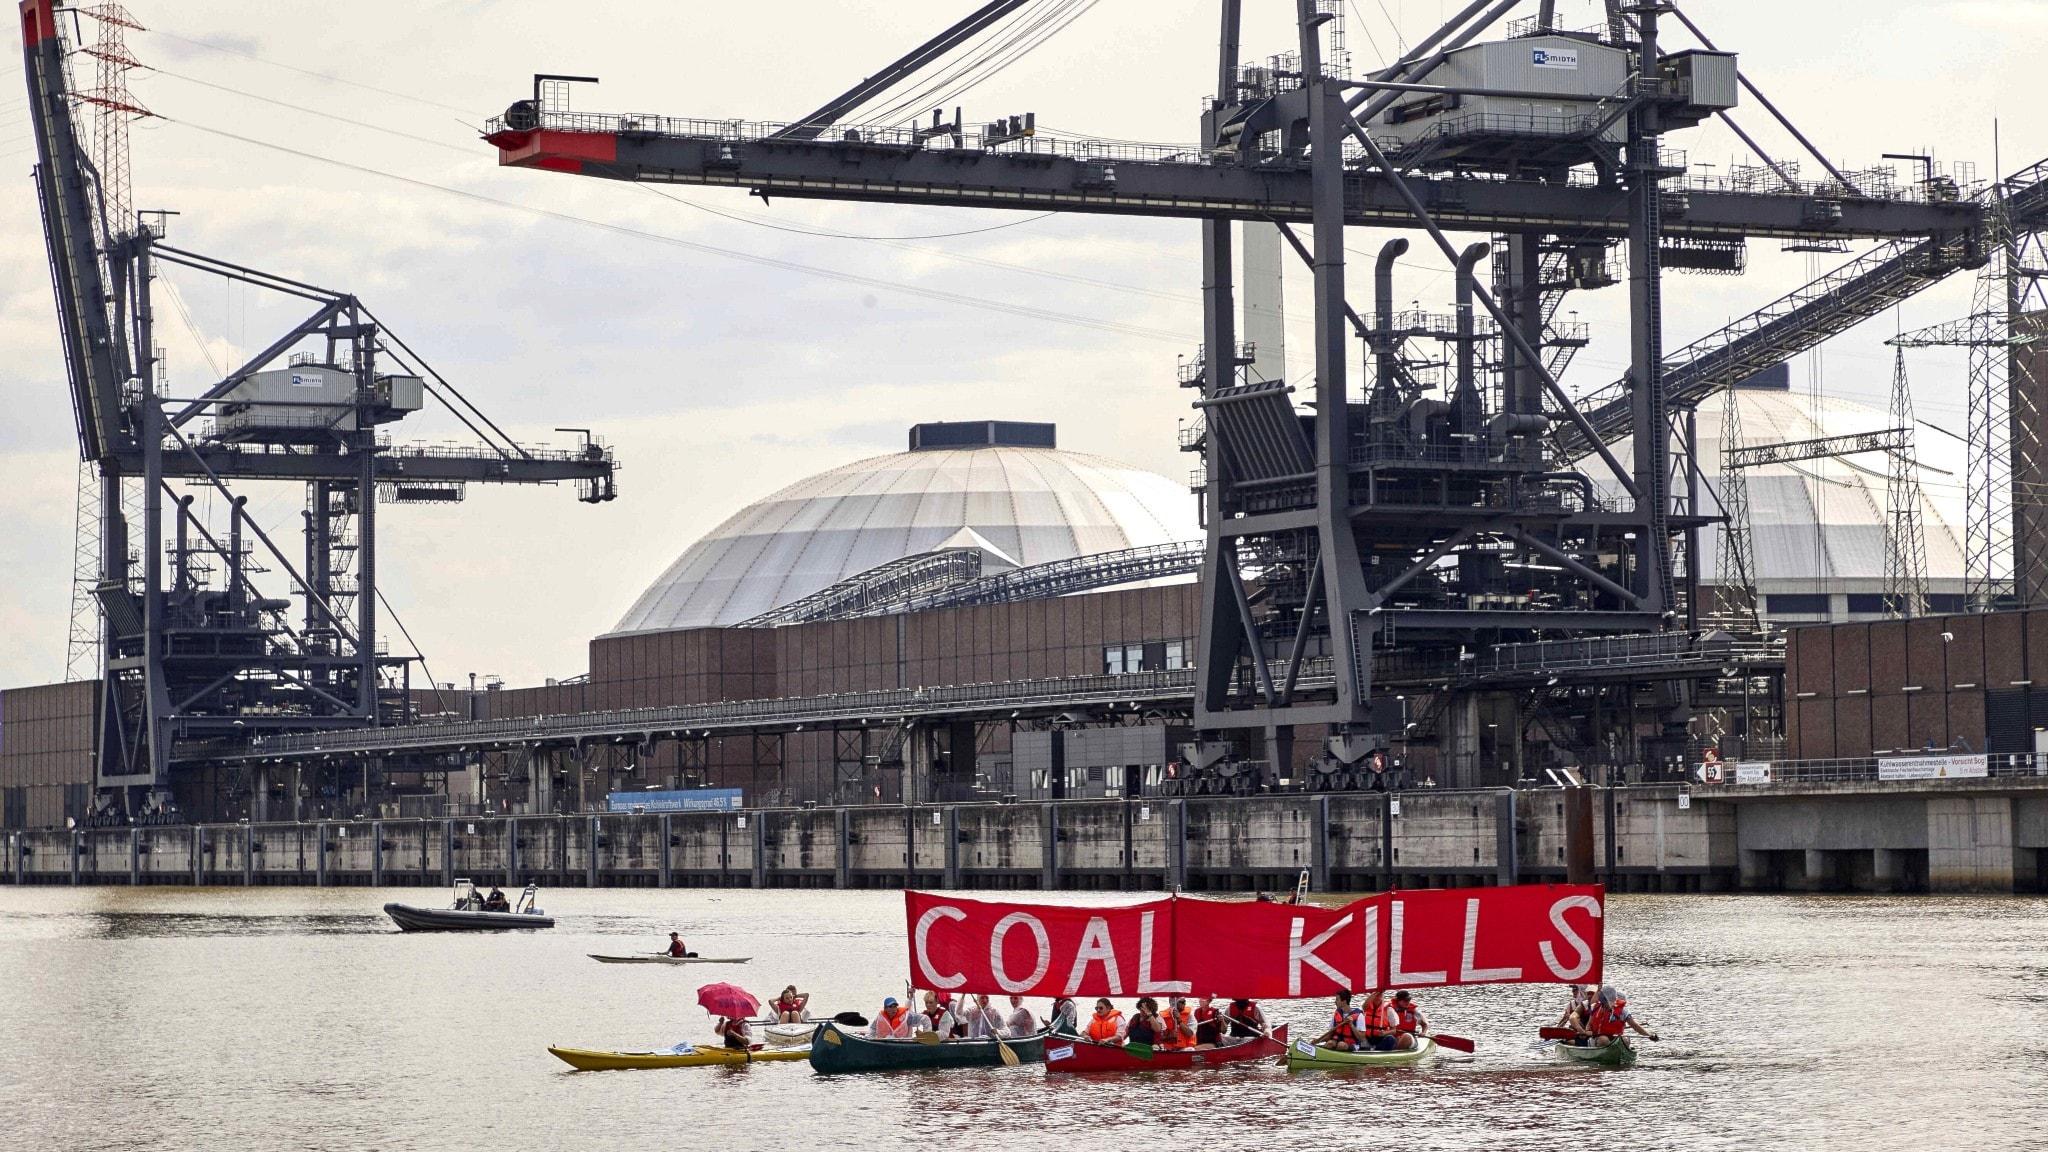 Ökade risker med att lägga pengarna på olja och kol